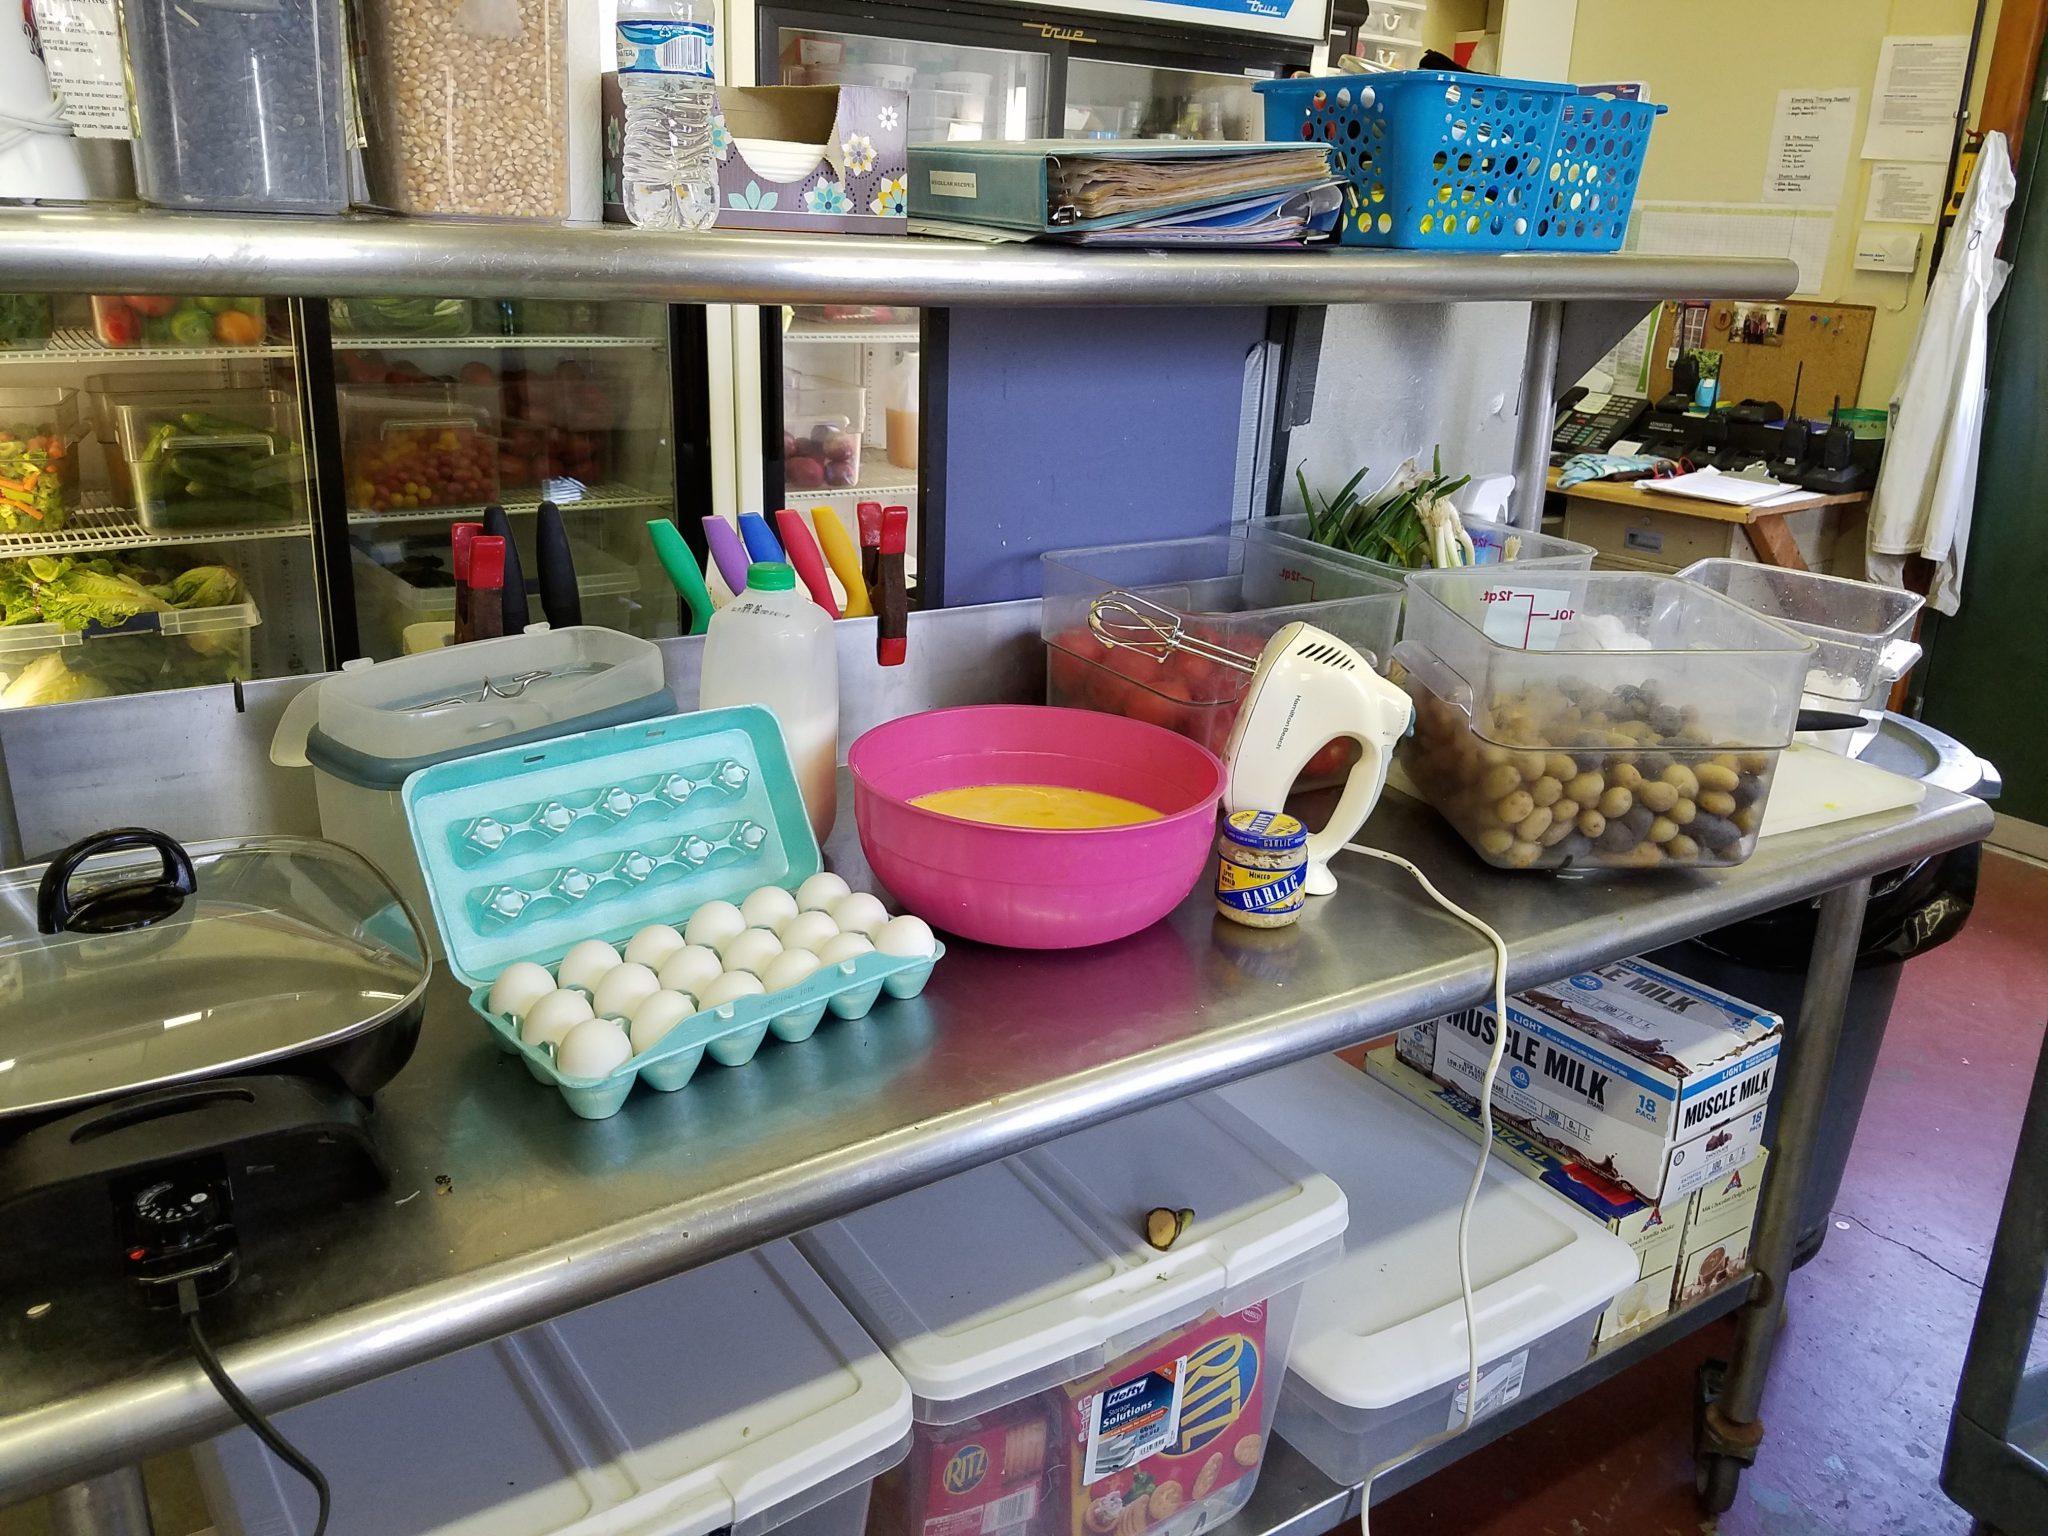 An Egg-cellent Lunch Recipe